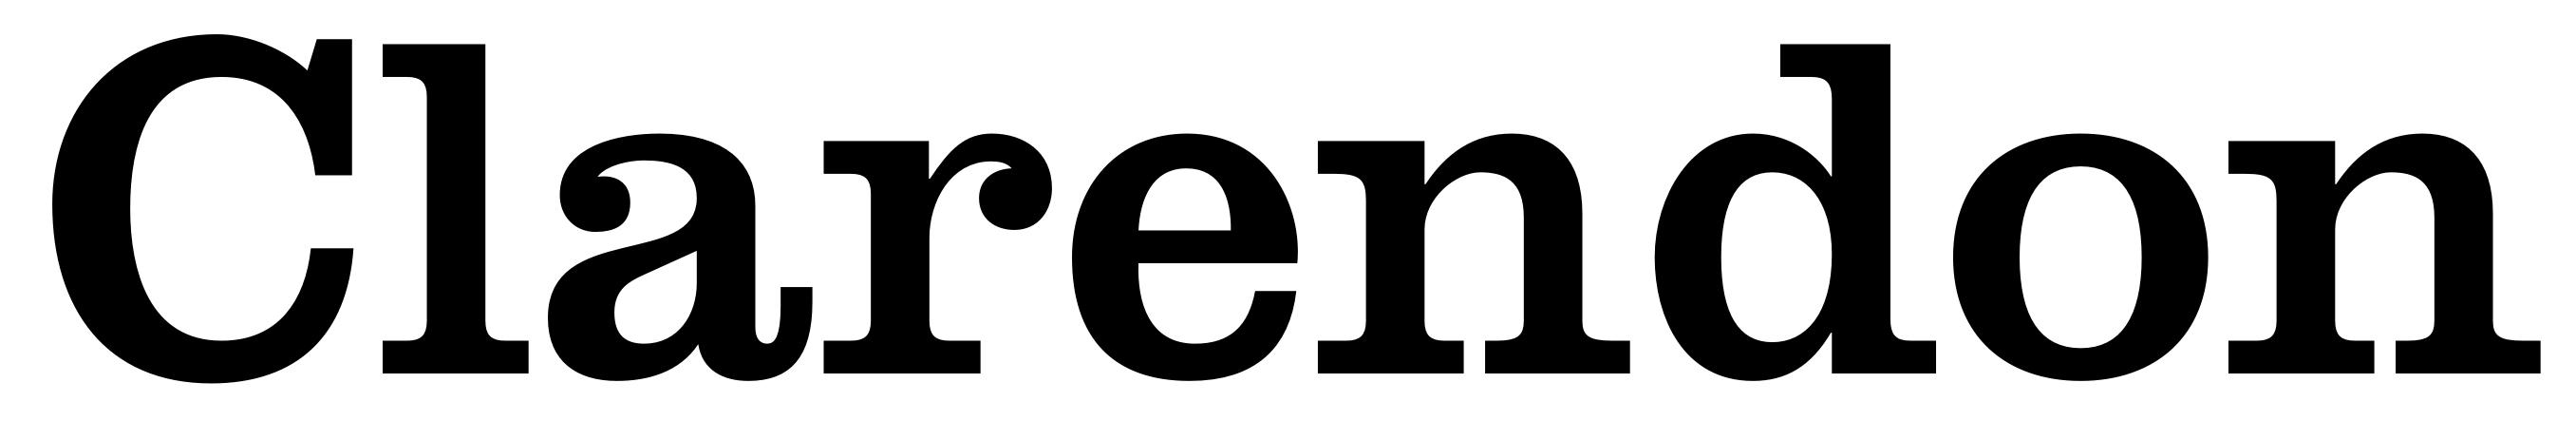 Clarendon typeface